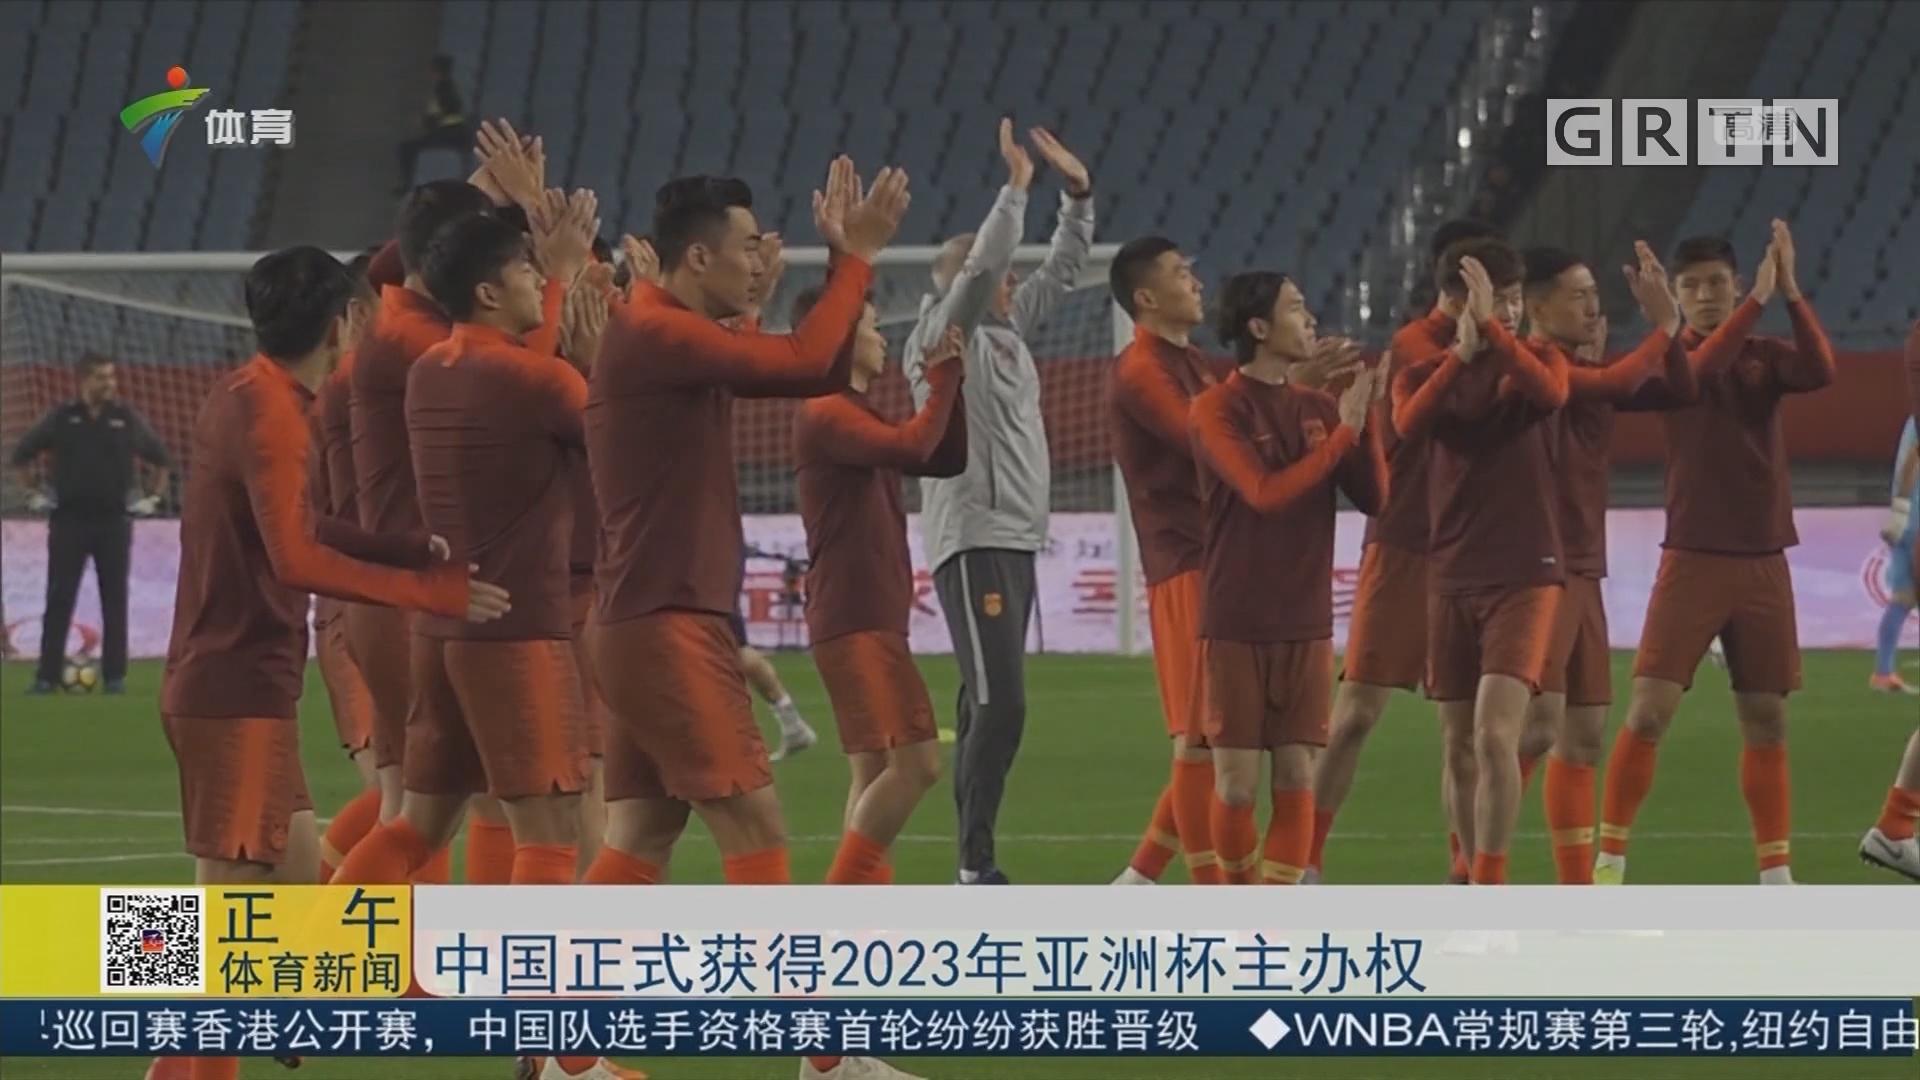 中国正式获得2023年亚洲杯主办权